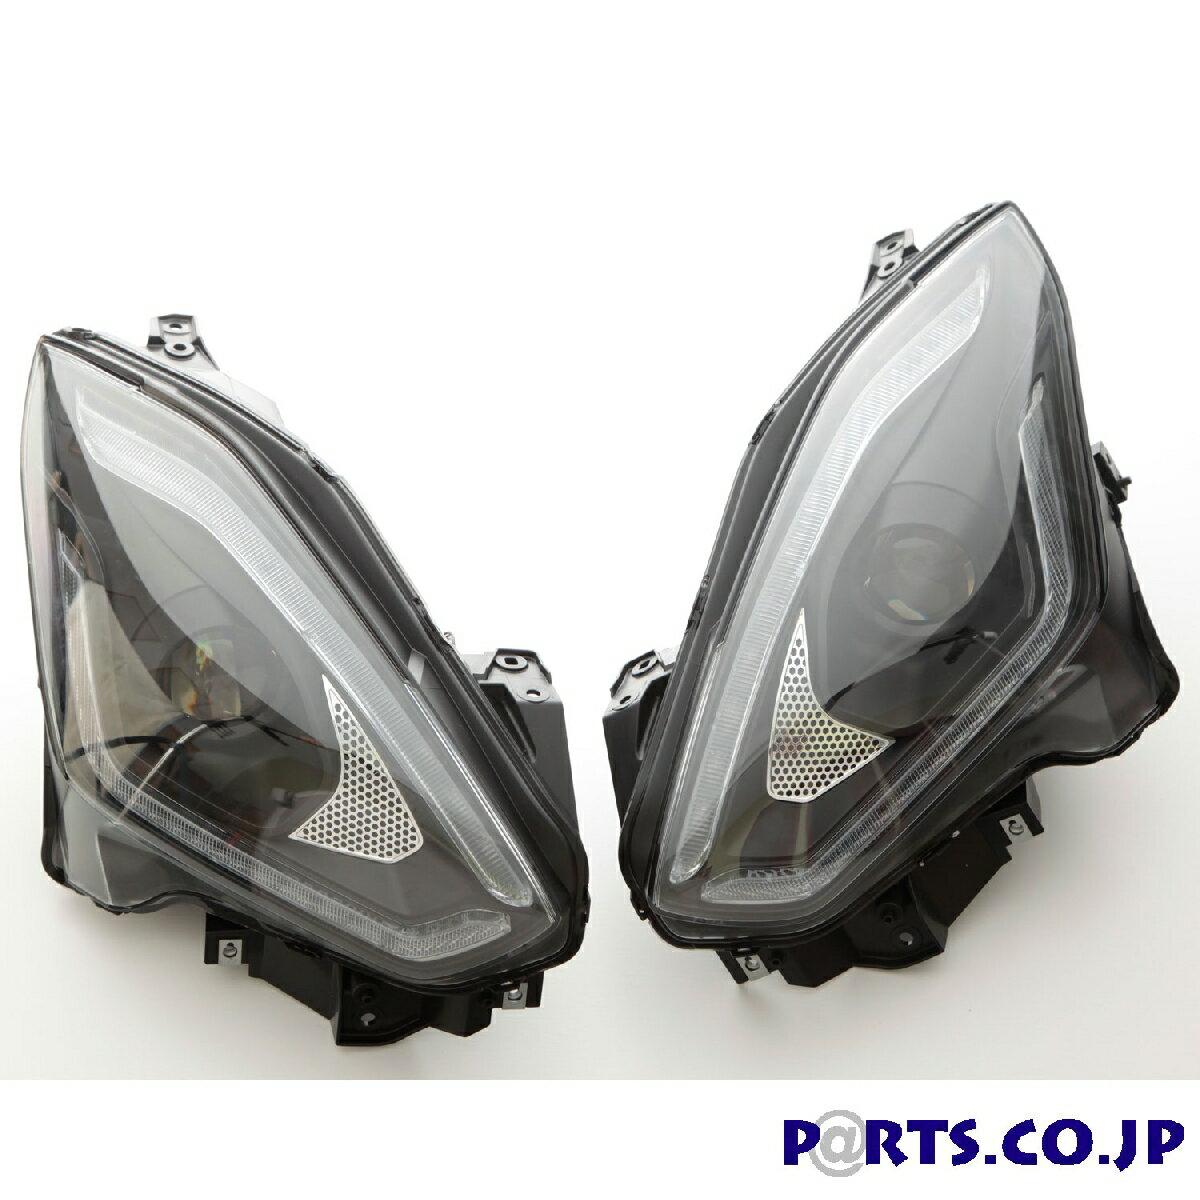 ライト・ランプ, ヘッドライト SONAR() DRL ZC13S ZC43S ZC53S ZD53S ZC83S ZD83S ZC33S LED